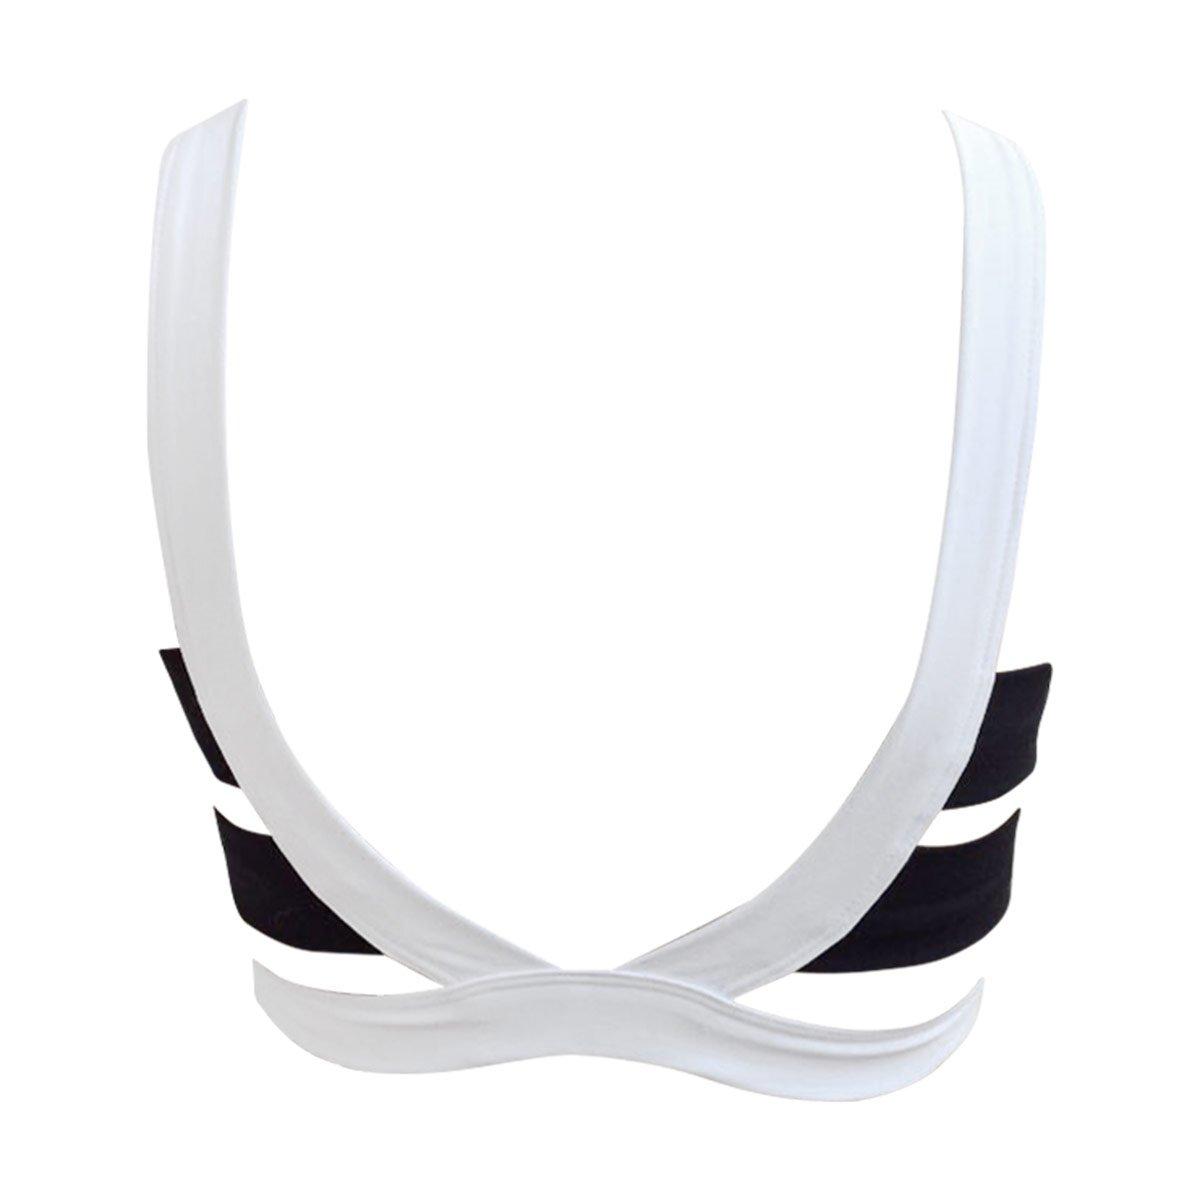 Suplex Branco C Top Titanium Top Max Suplex Tule 04pwEx0F